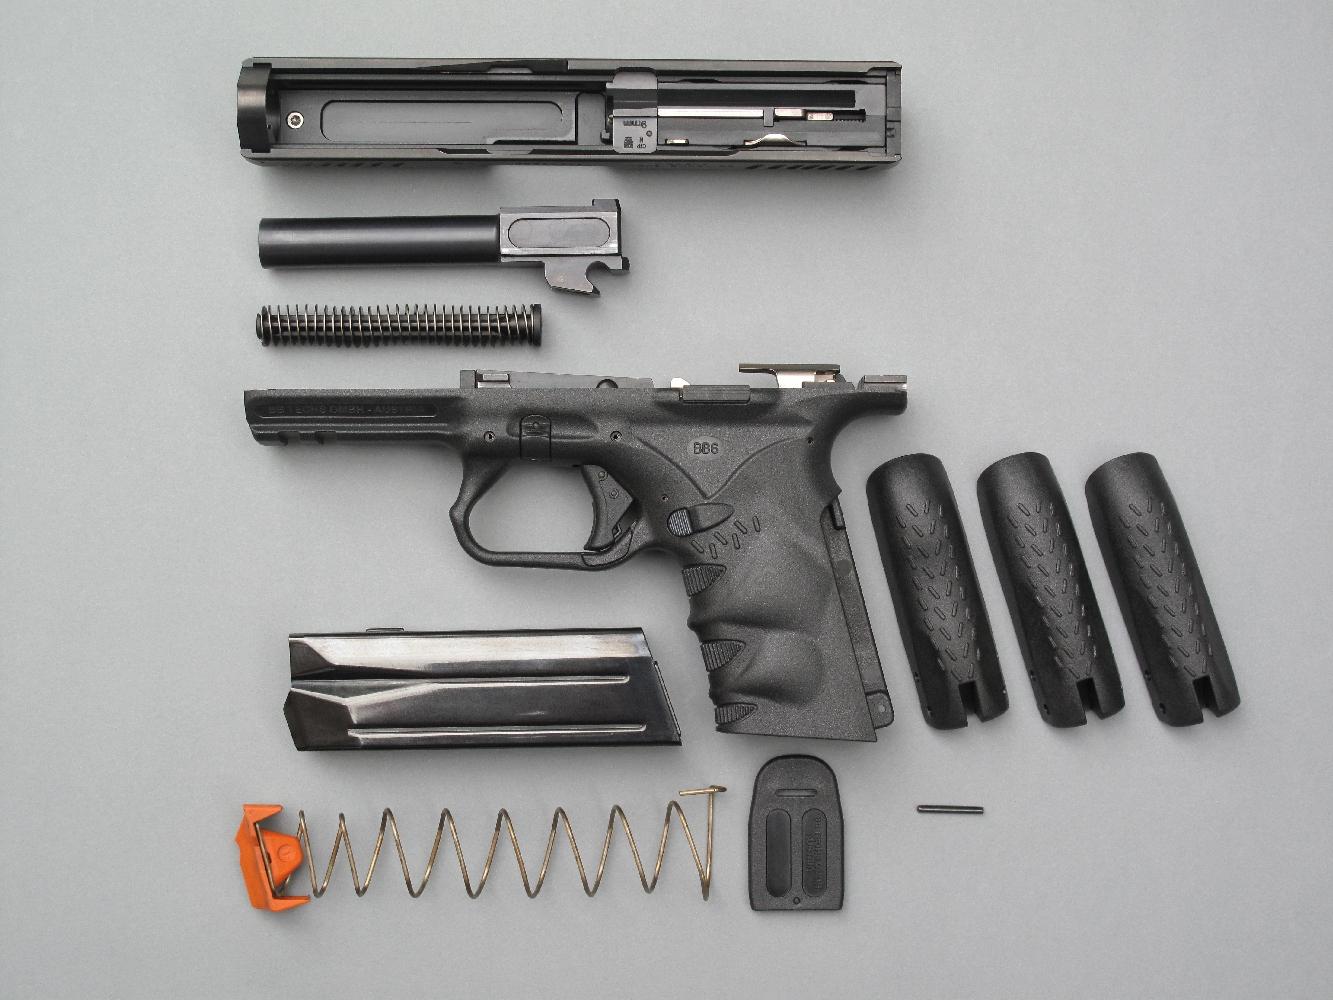 S'il s'apparente étroitement à celui du Glock, le démontage du BB6 se révèle encore plus facile et rapide, ce qui constitue assurément un exploit.